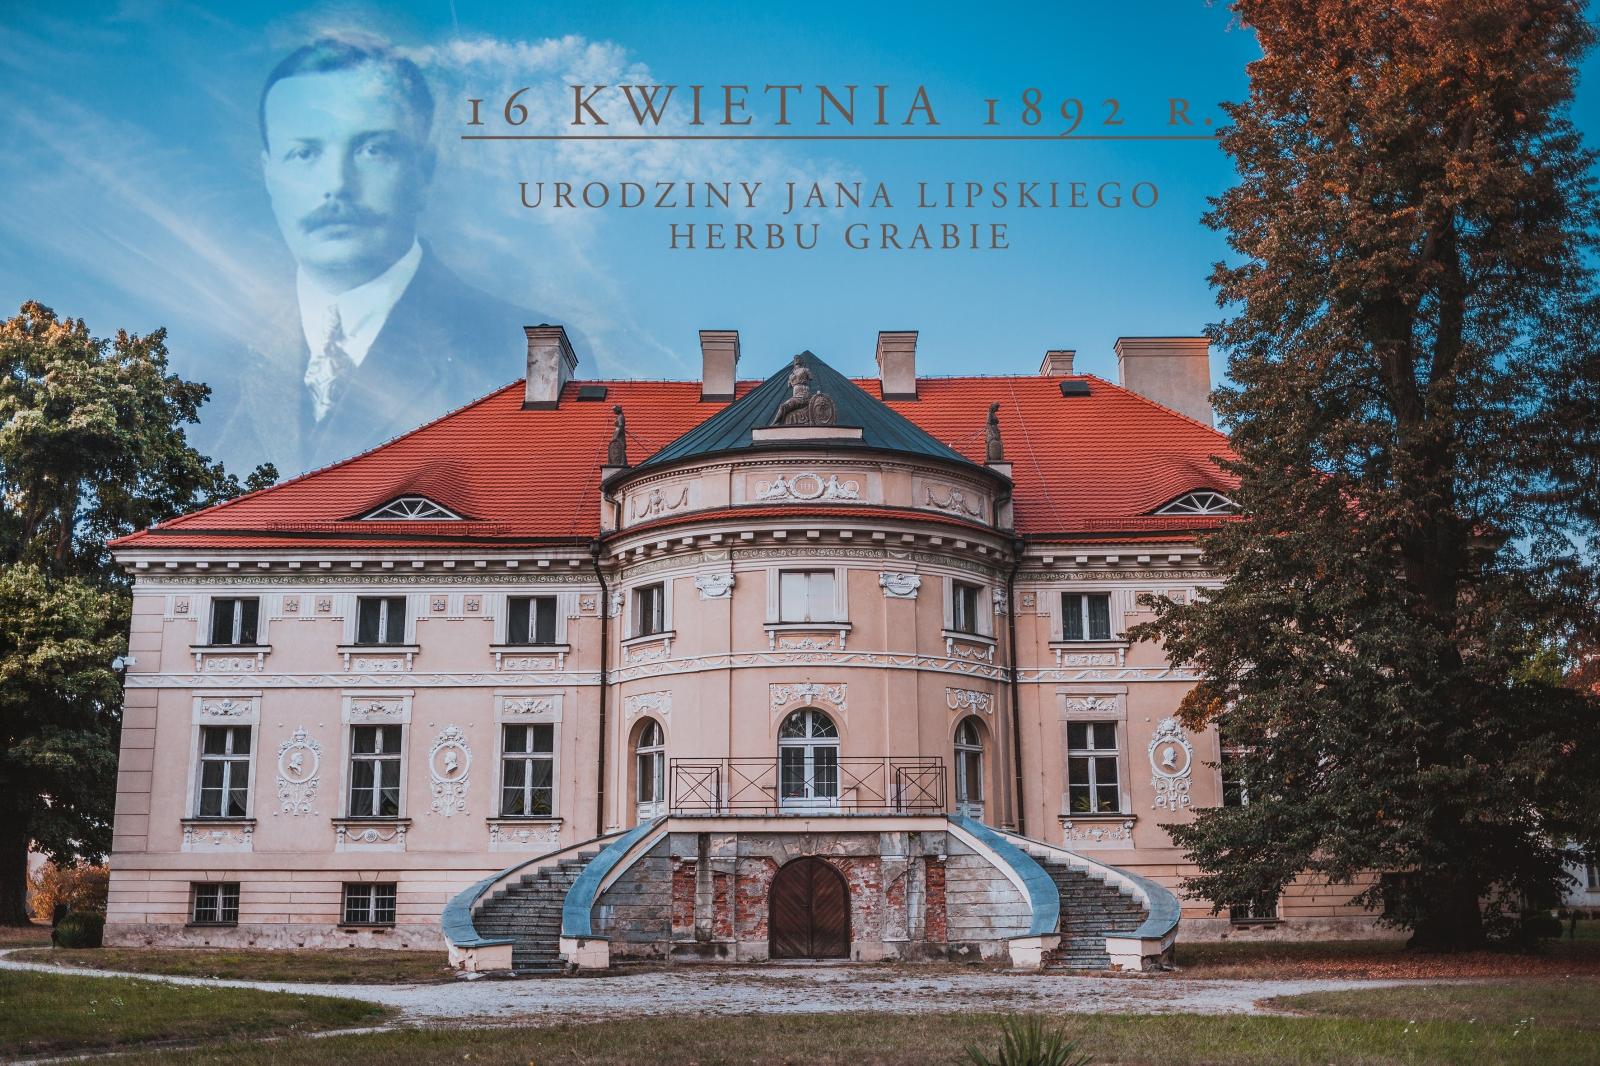 16 KWIETNIA 1892 R. - URODZINY JANA LIPSKIEGO Z LEWKOWA